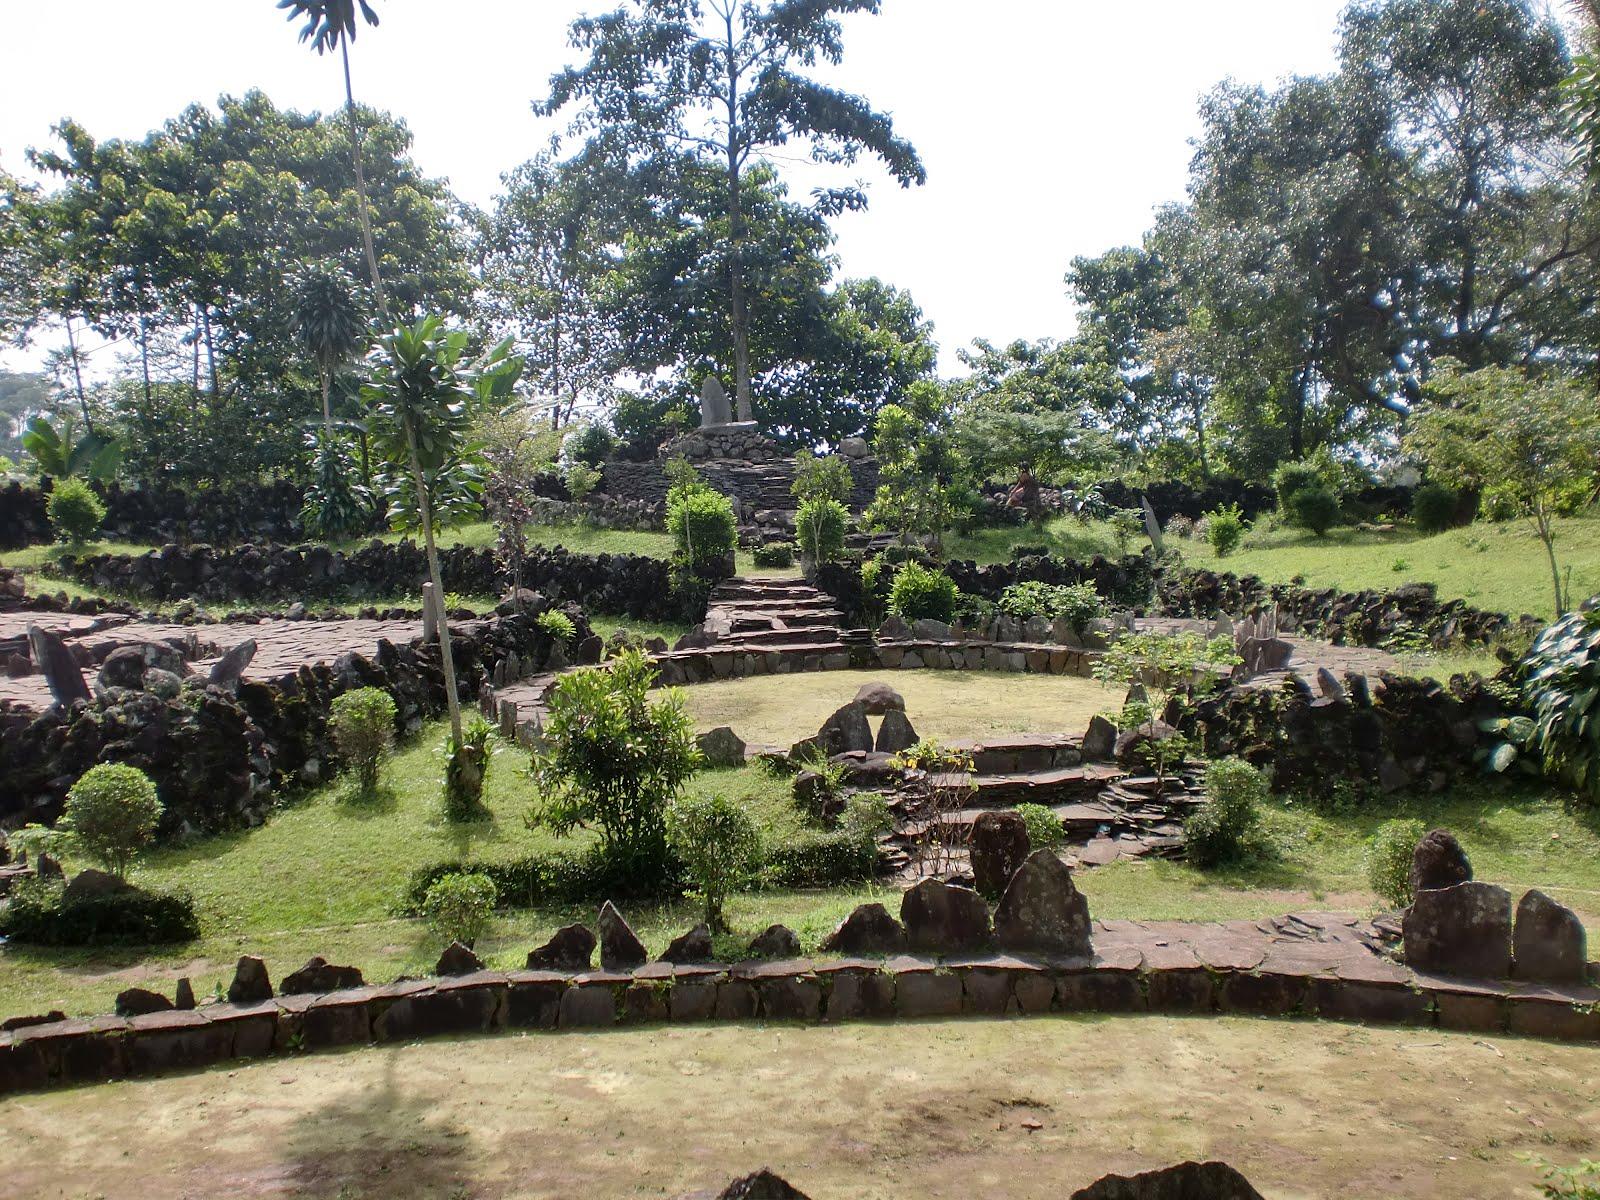 تعرف علي أبرز المناطق الأثرية باندونيسيا